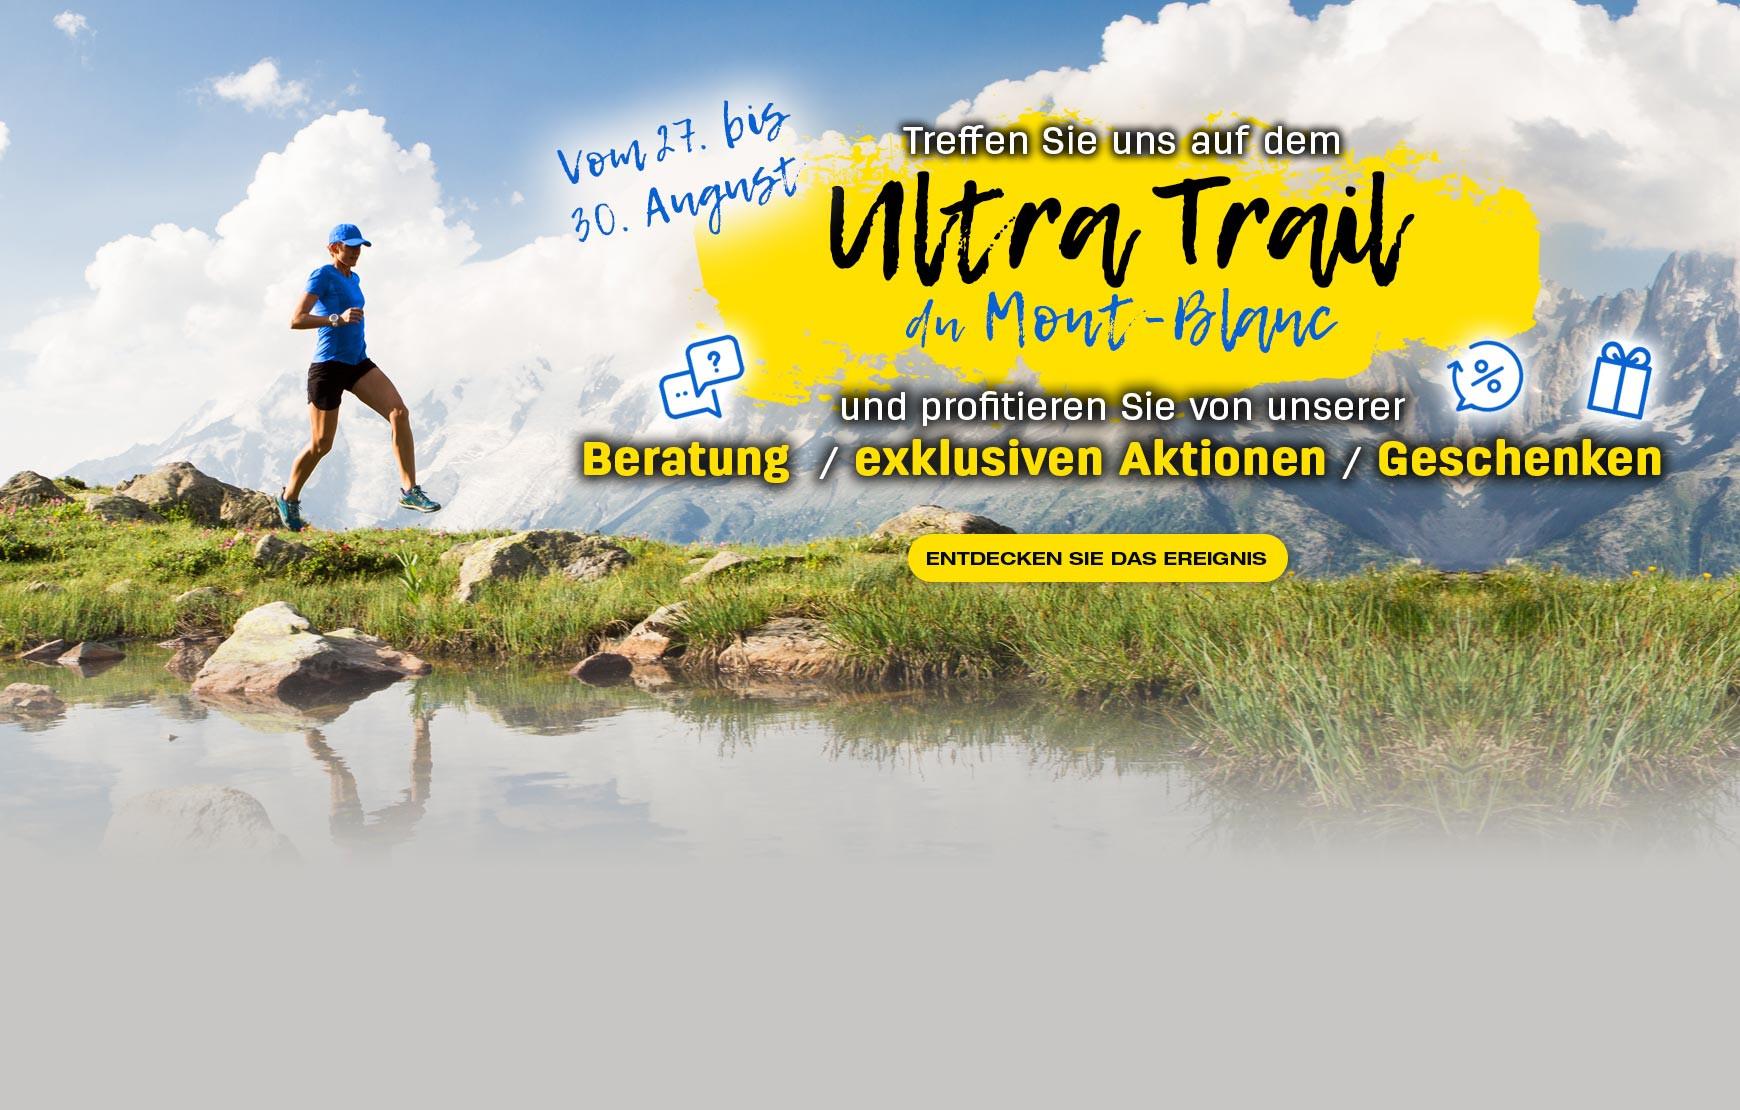 Besuchen Sie uns vom 27. bis 30. August auf der Mont Blanc Ultra Trail Show